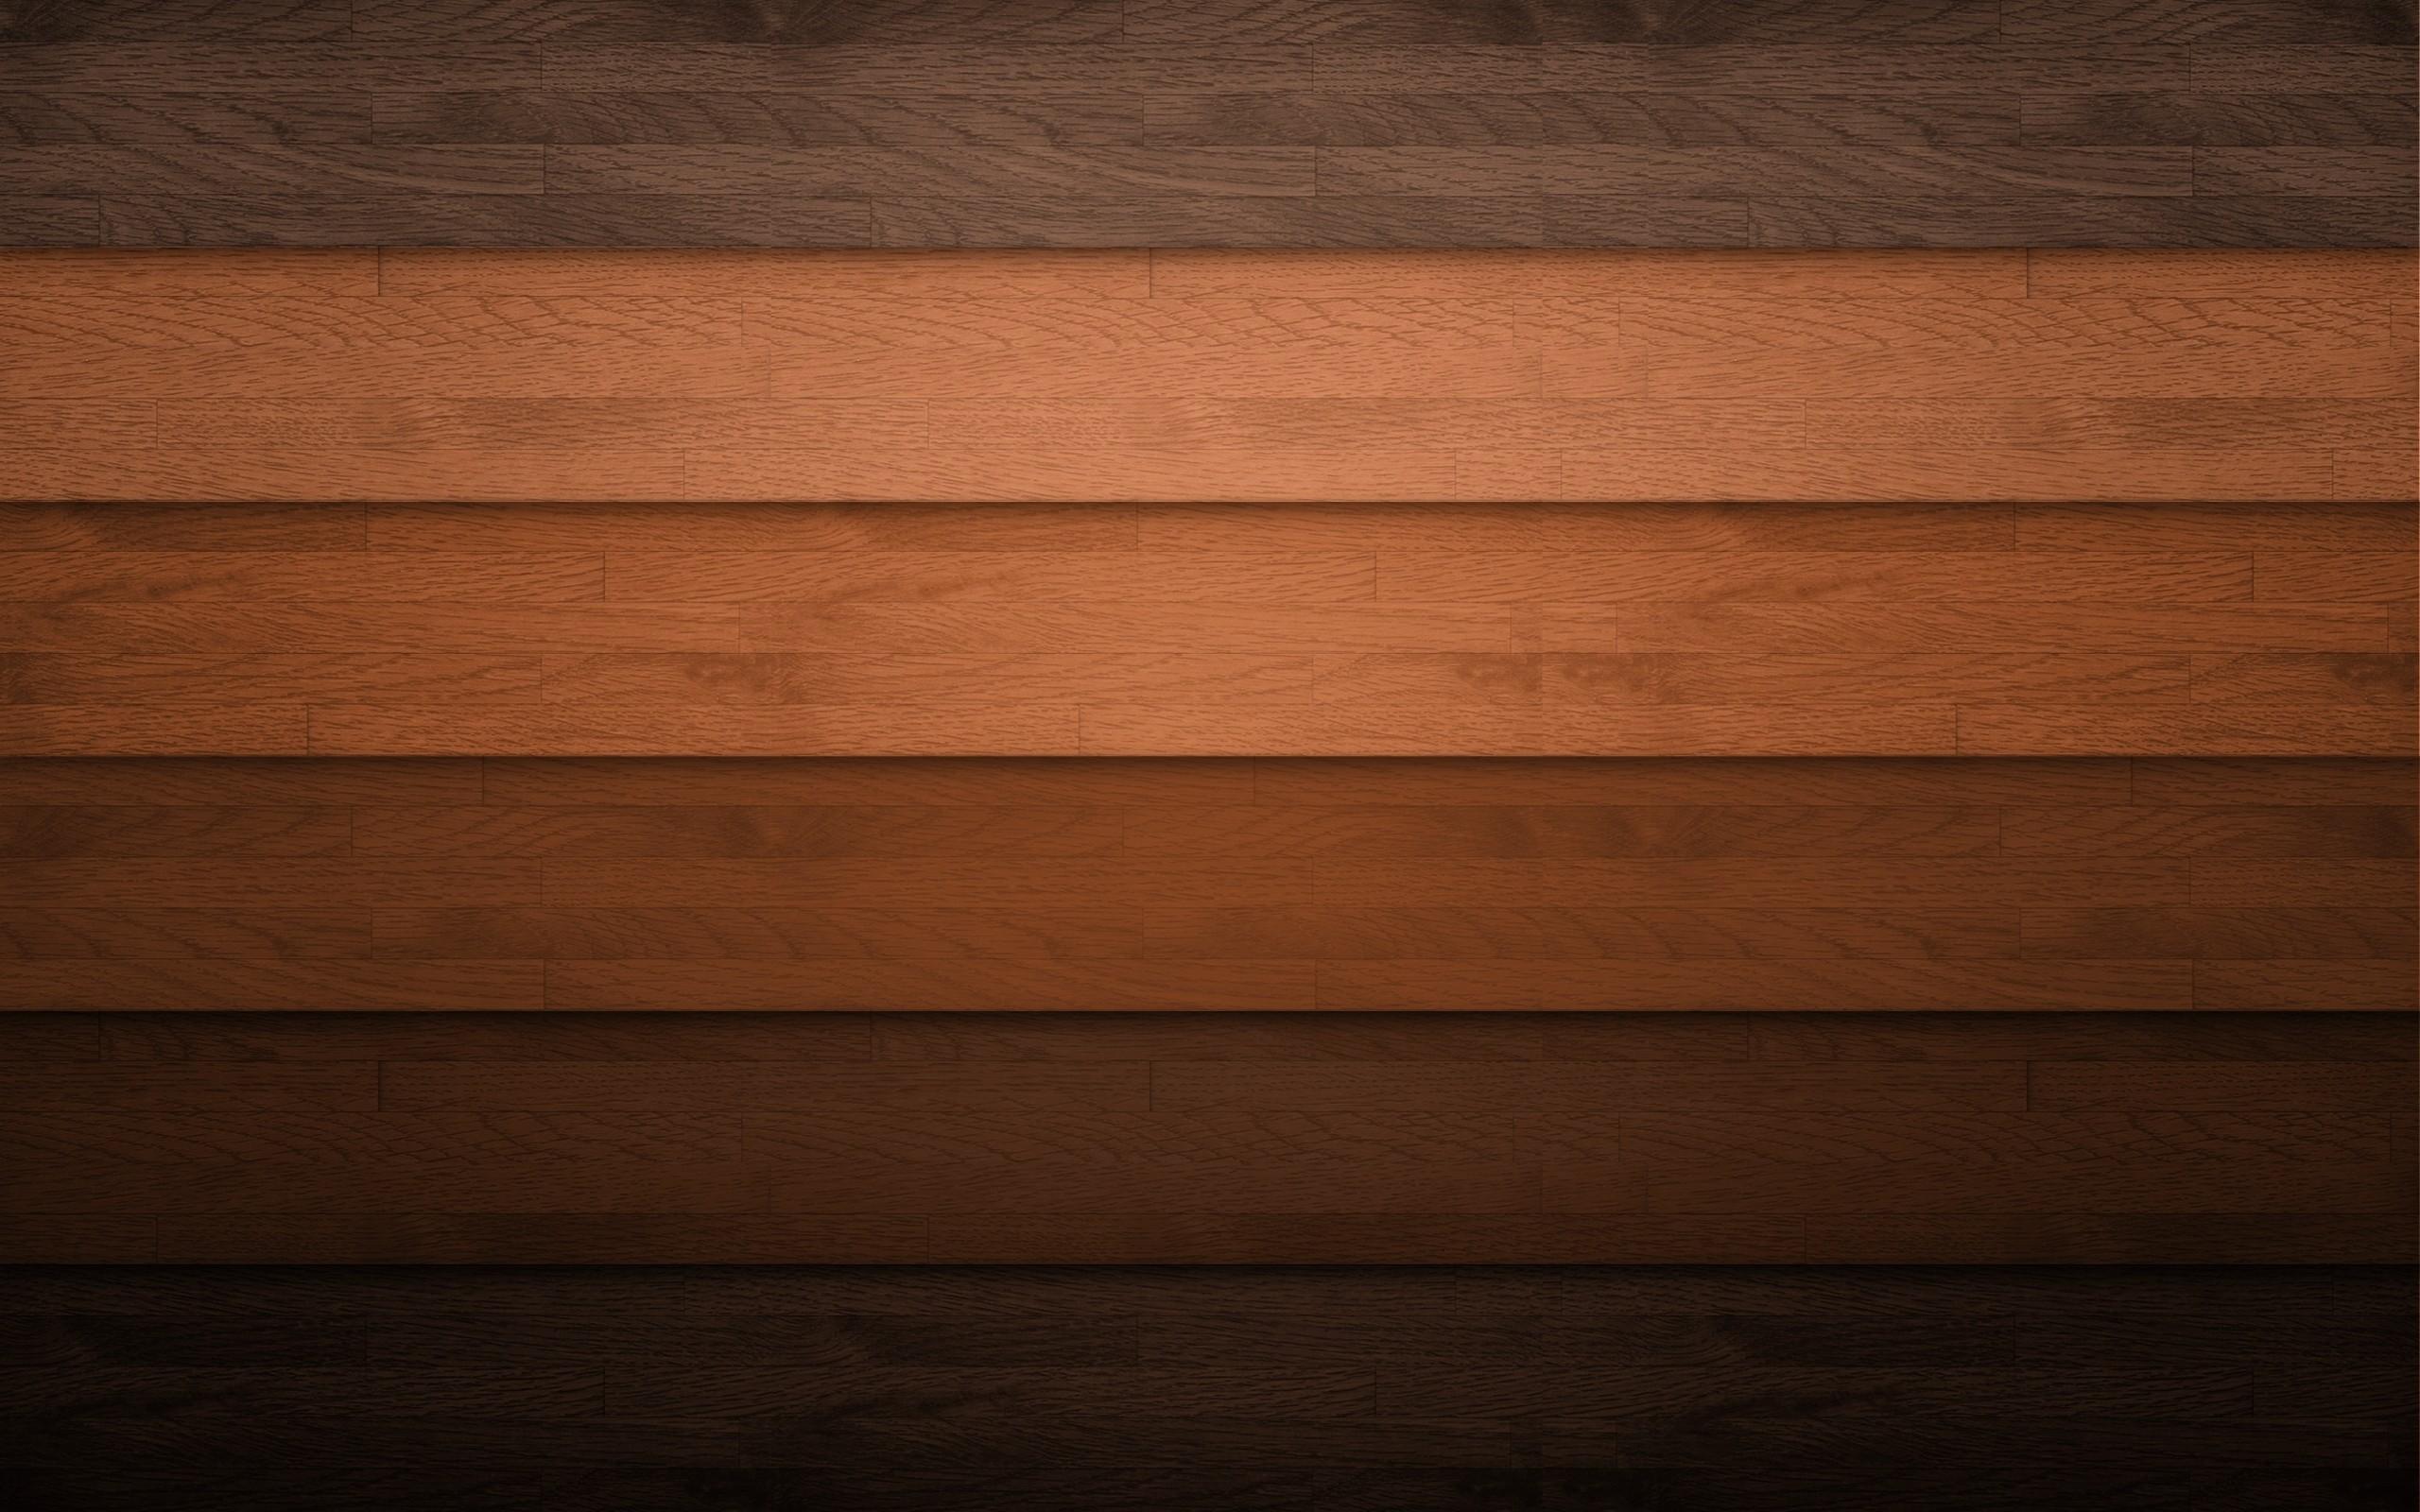 Explore Brown Wallpaper, Wood Wallpaper, and more!